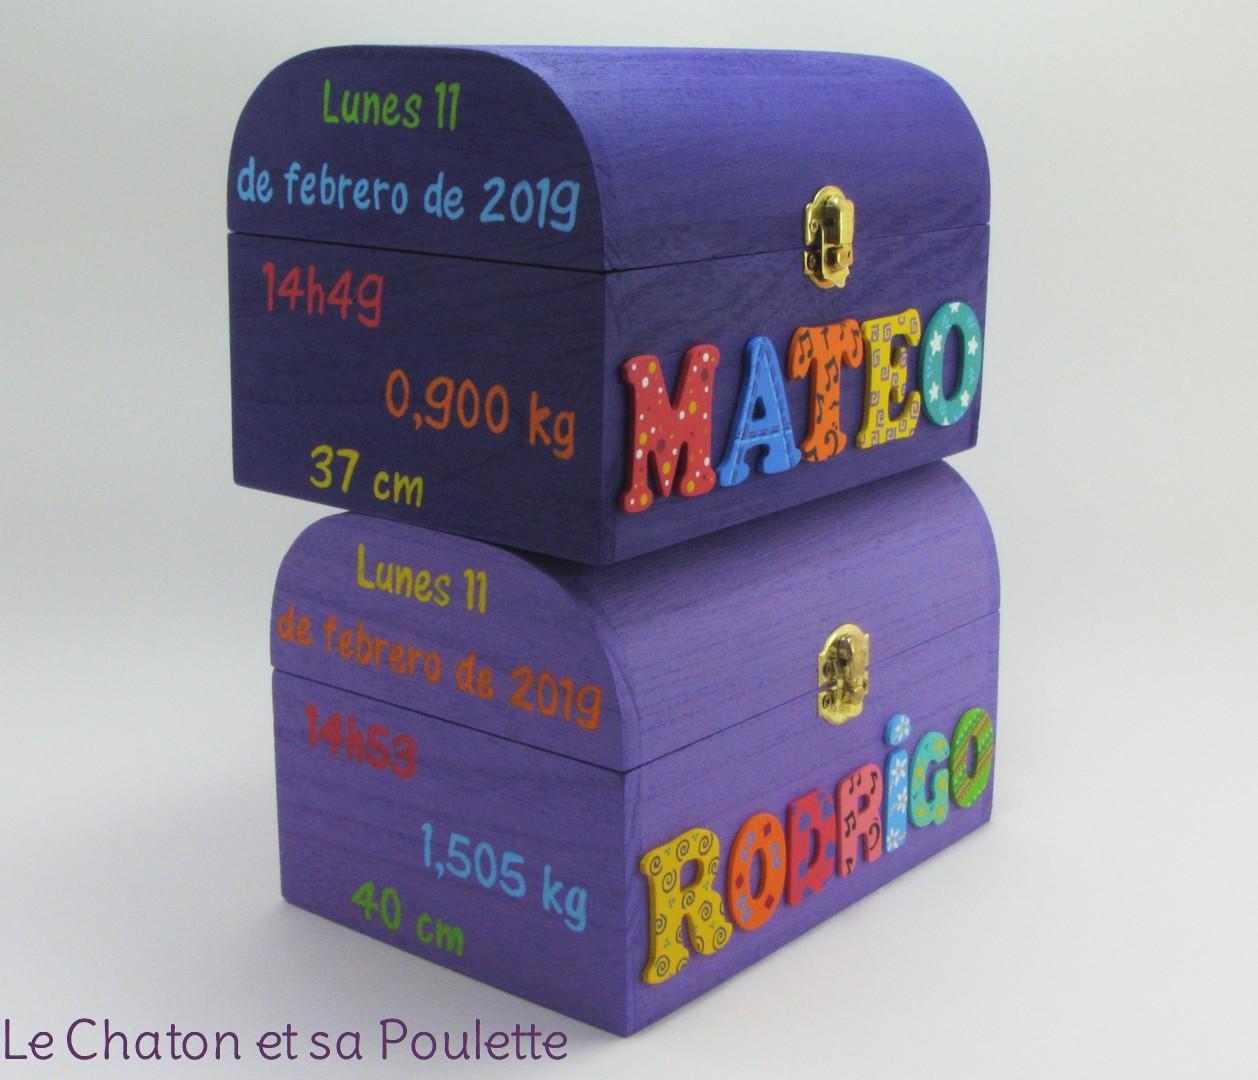 Coffrets souvenirs de naissance violet MATEO et lilas RODRIGO - Le Chaton et sa Poulette